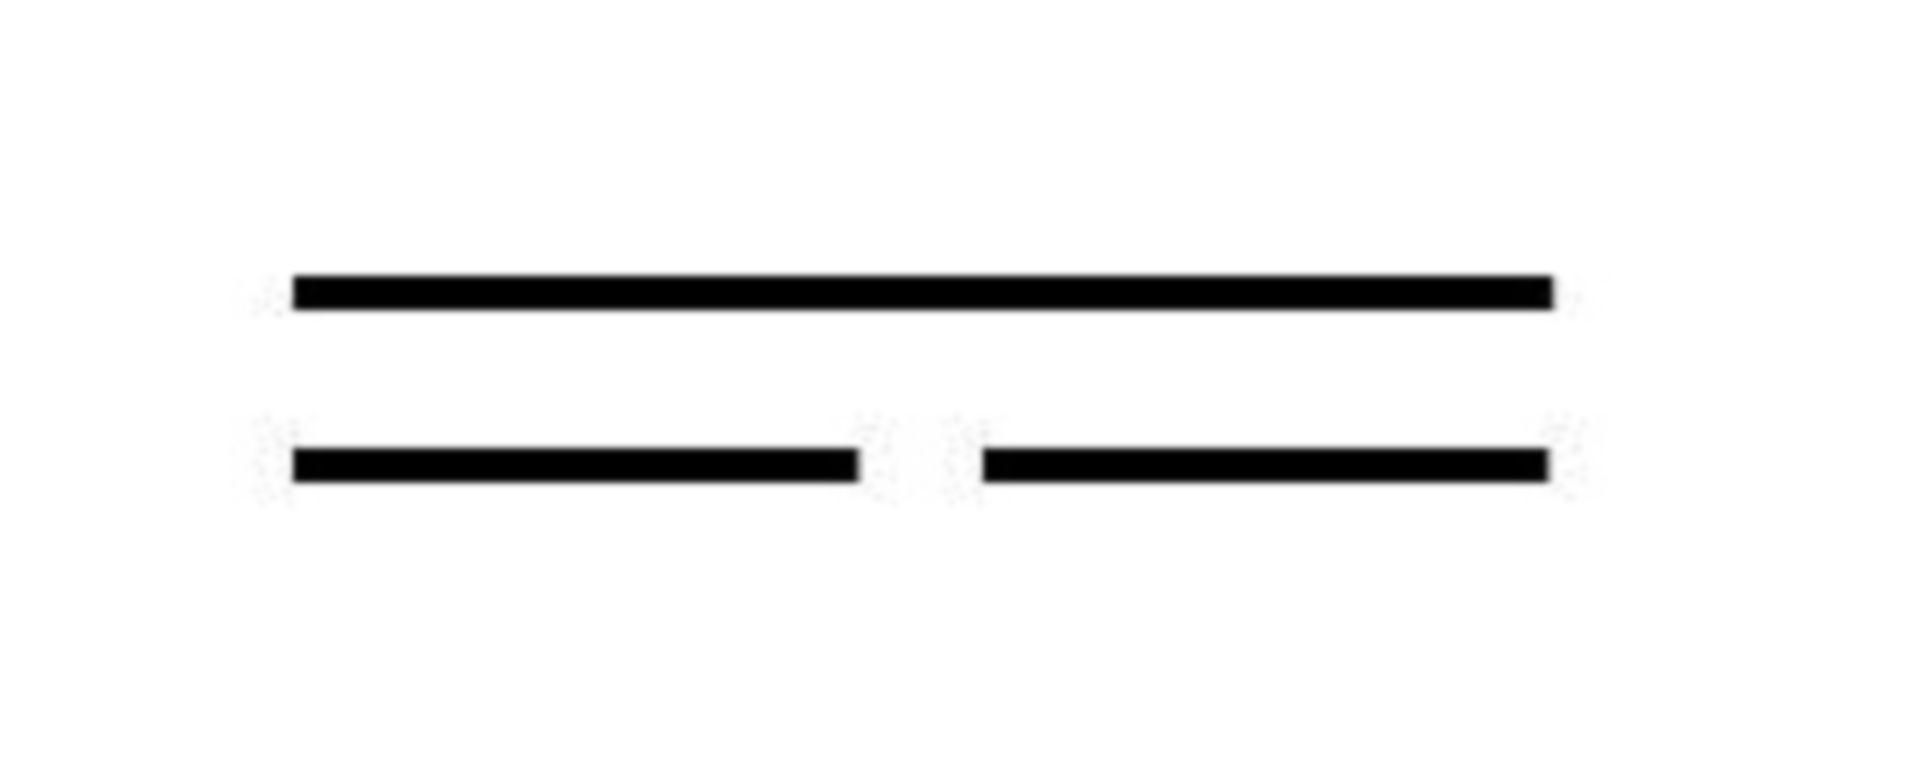 Simbolo circuito in corrente continua